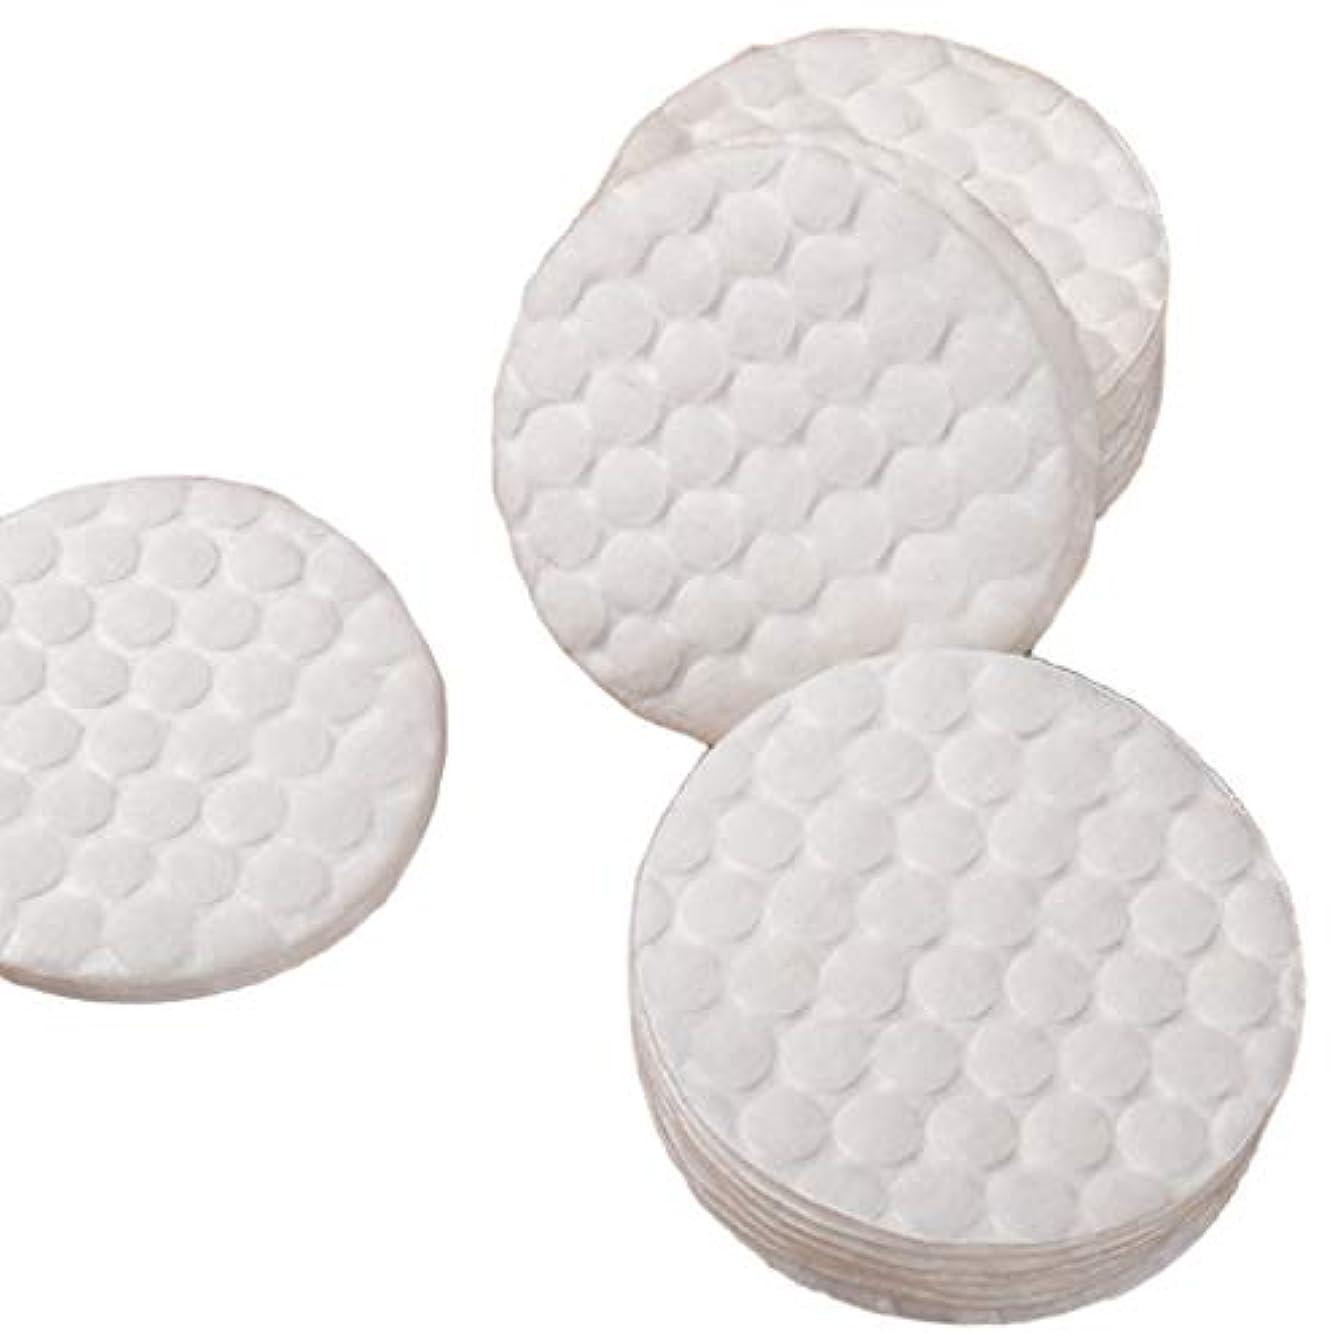 クレジット探偵二次クレンジングシート 60個/バッグメイク落としコットンパッド洗えるワイプクレンジングオイルスキンケアフェイシャルケアメイクアップ化粧品ワイプ (Color : White)